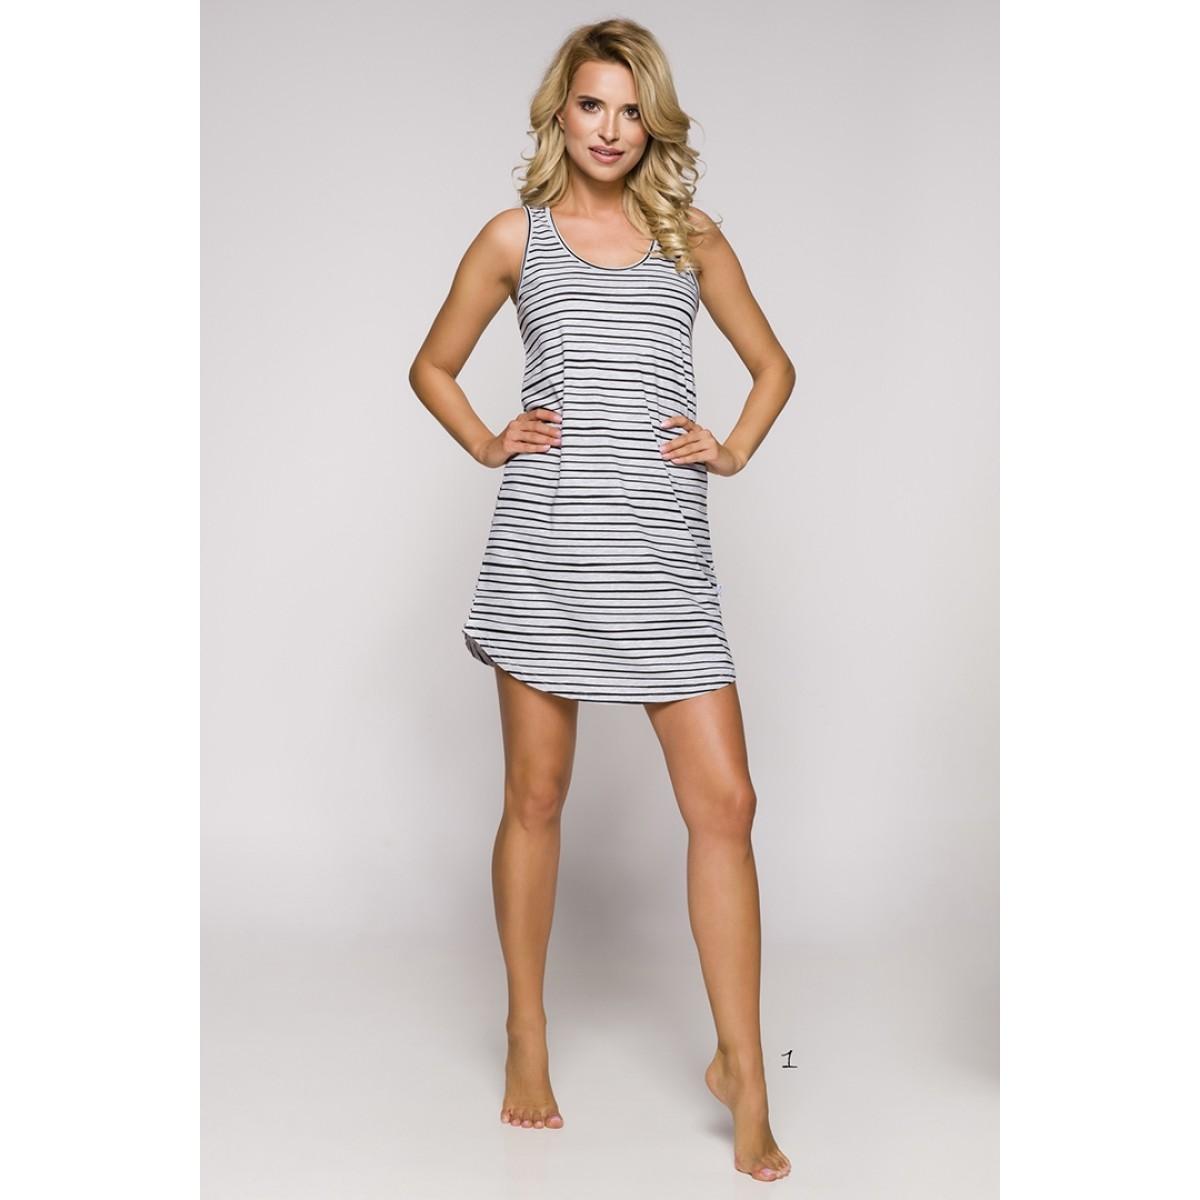 Koszula nocna damska Tiffany 2166 S S 19 wz.1 Taro  jUj13